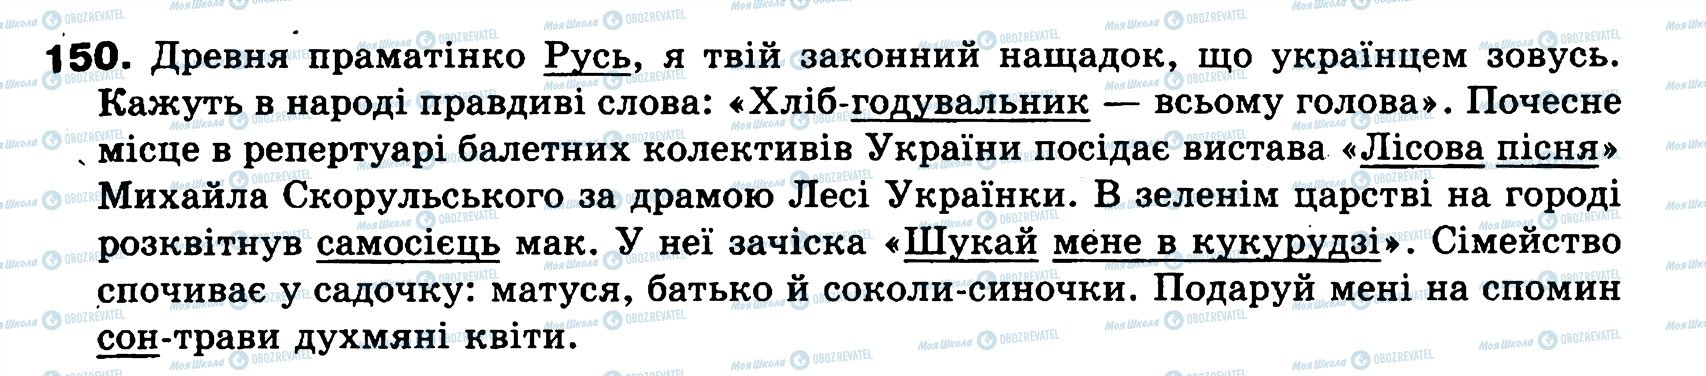 ГДЗ Українська мова 8 клас сторінка 150